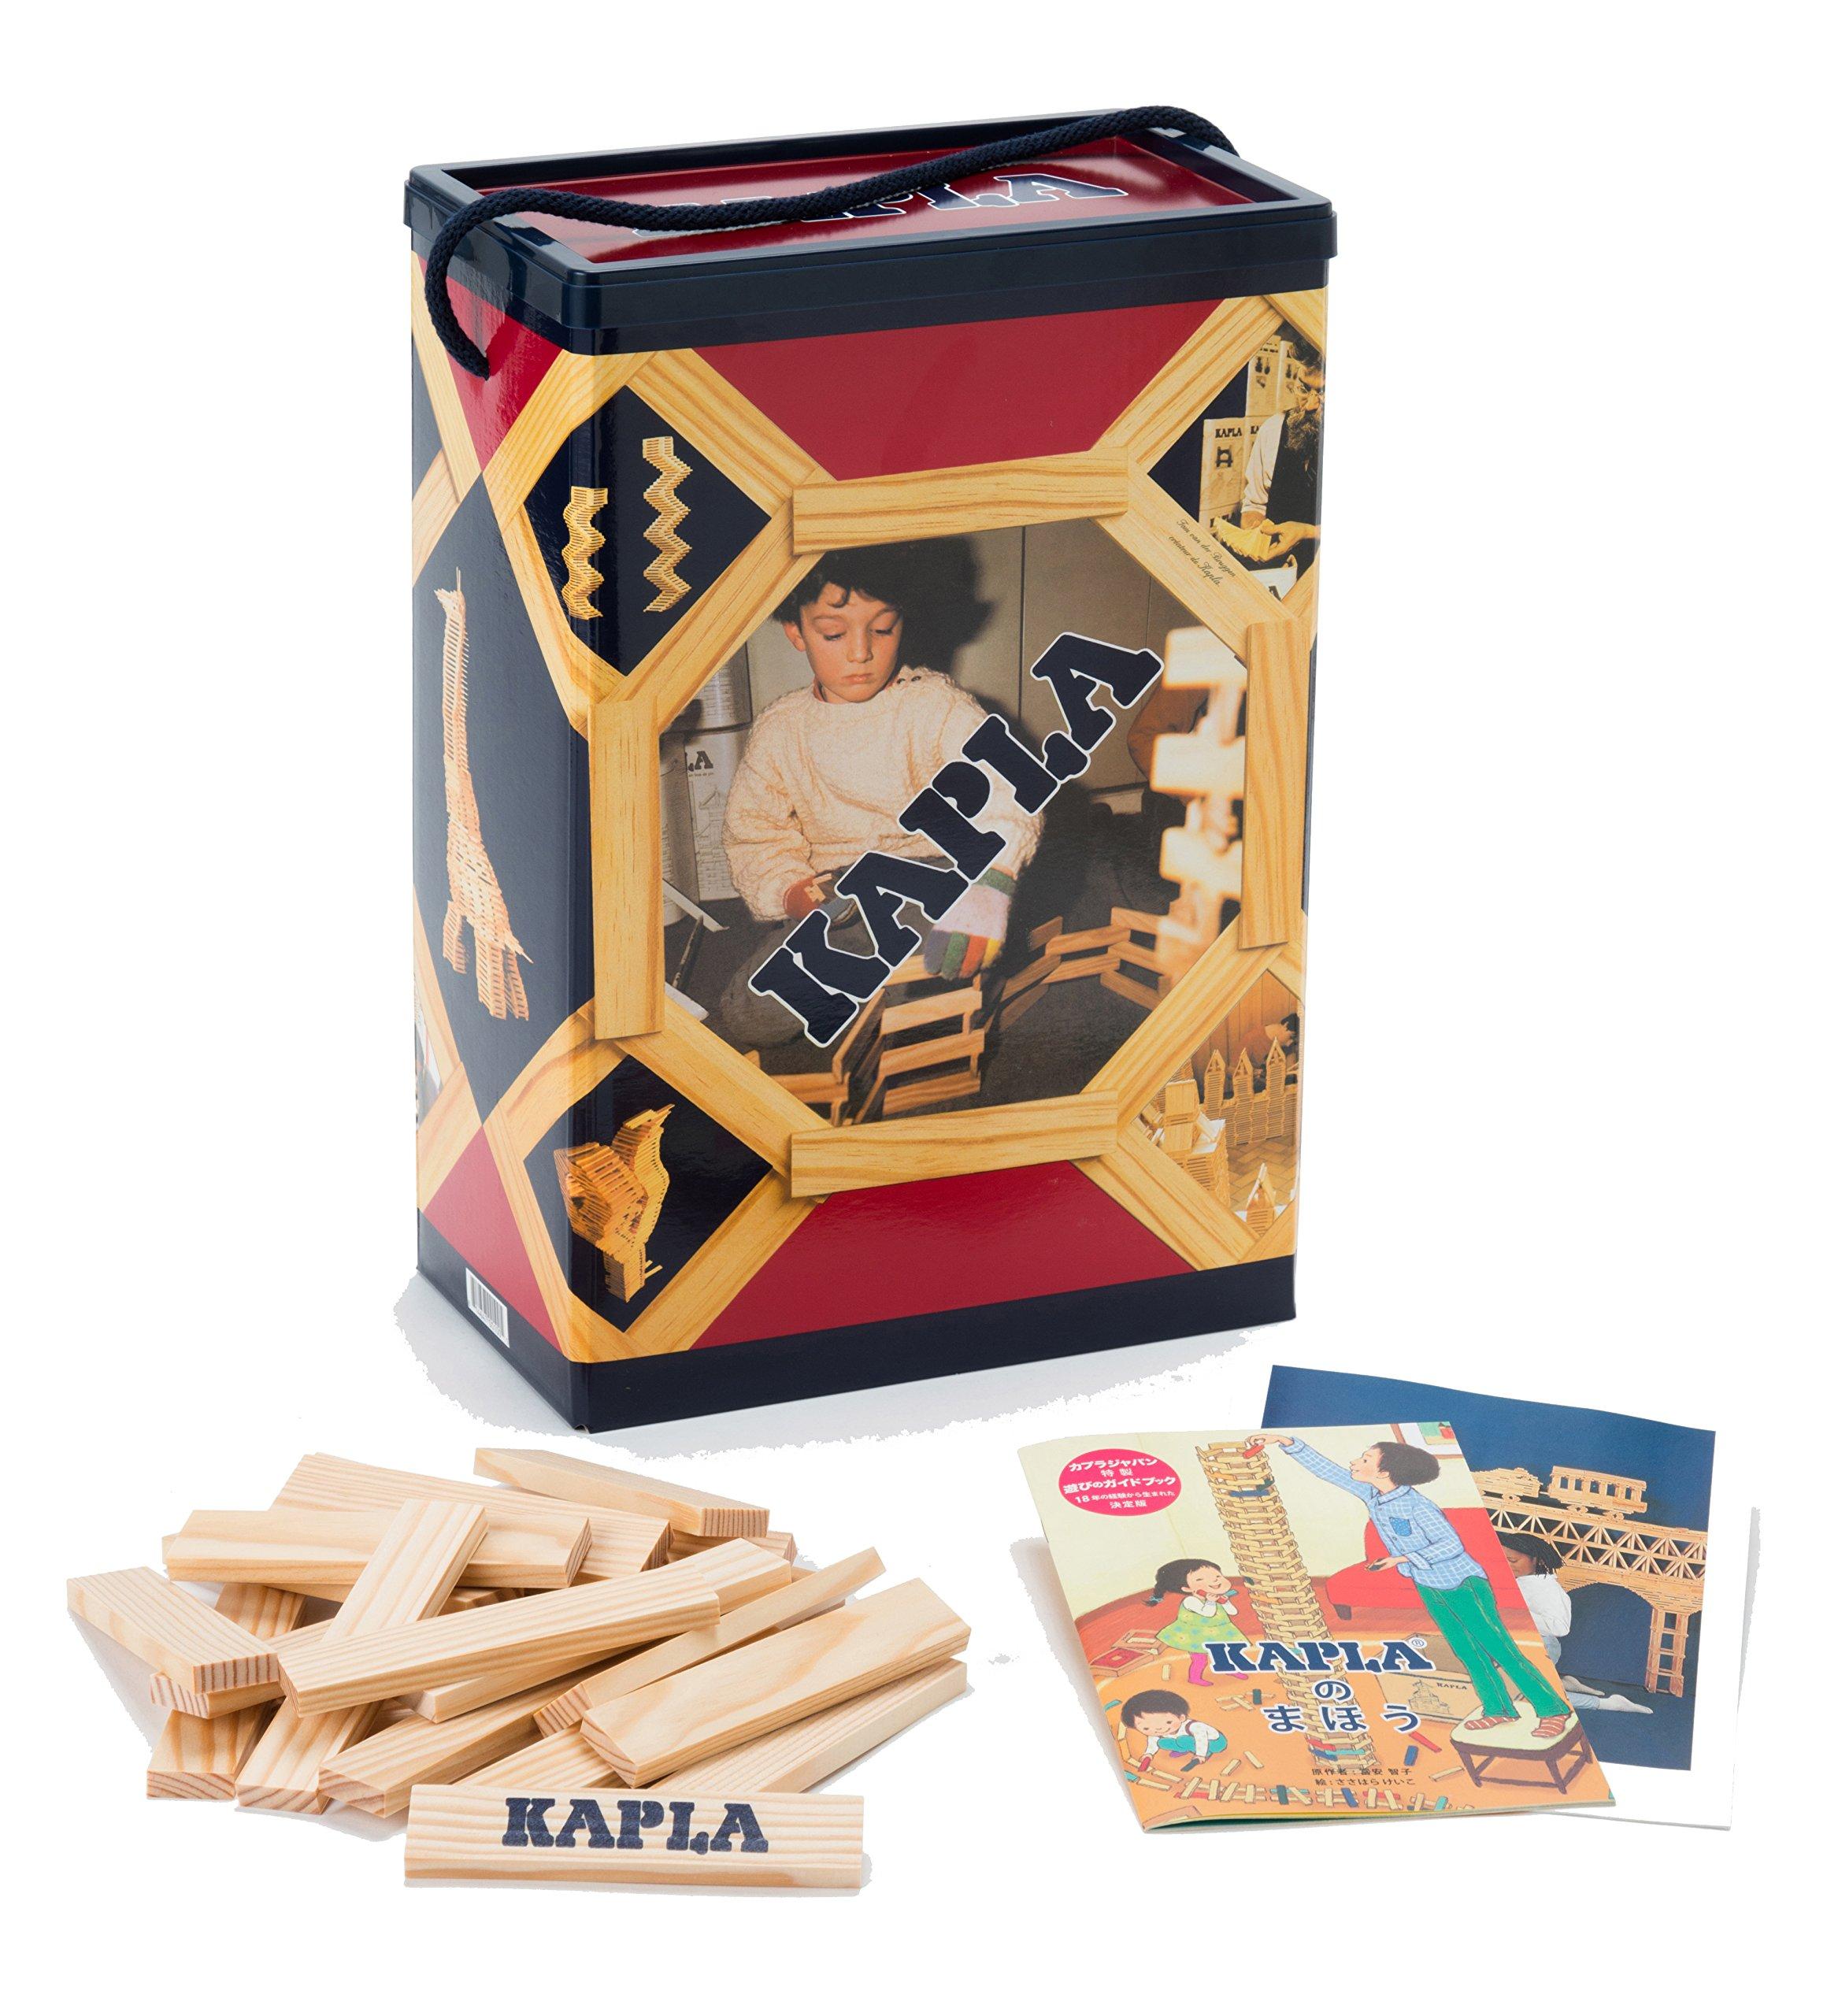 Kapla - Kapla Baril, 200 Tavole product image